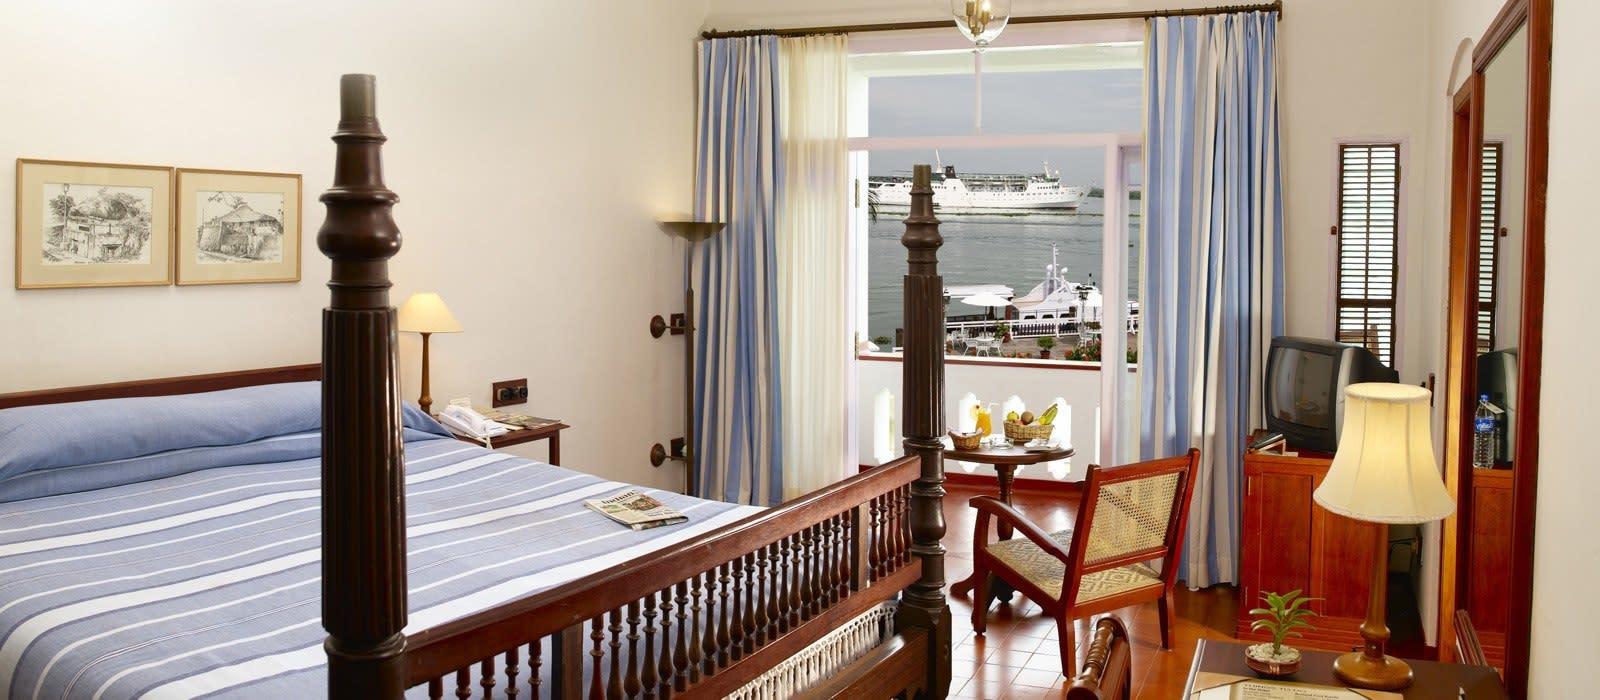 Hotel Brunton Boatyard South India